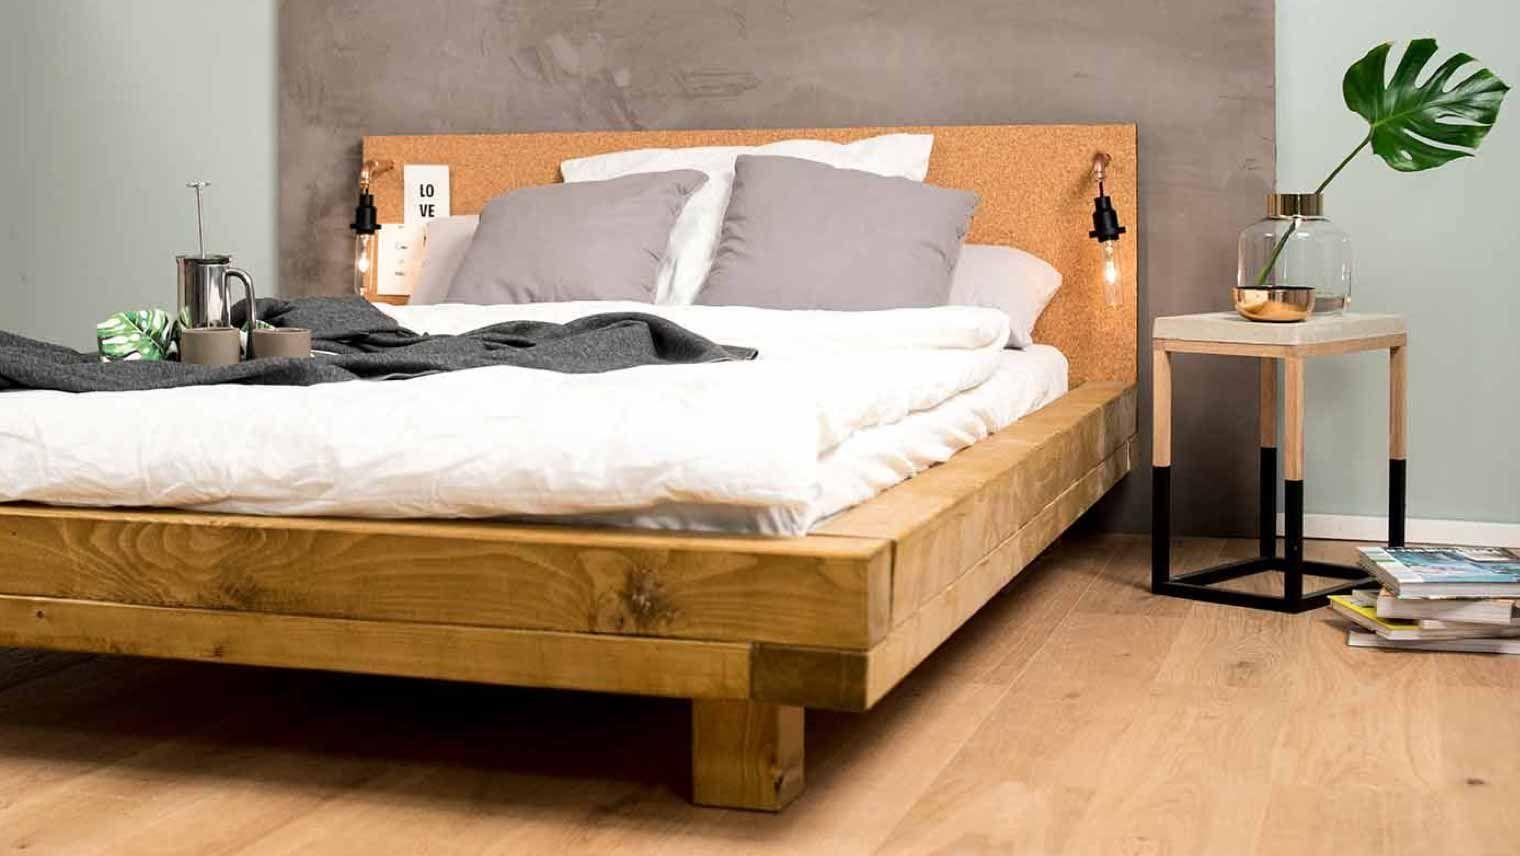 Hochwertige Mobel Selbst Gebaut Obi Selbstbaumobel Schlafzimmer Deko Bett Bettwasche Schwarz